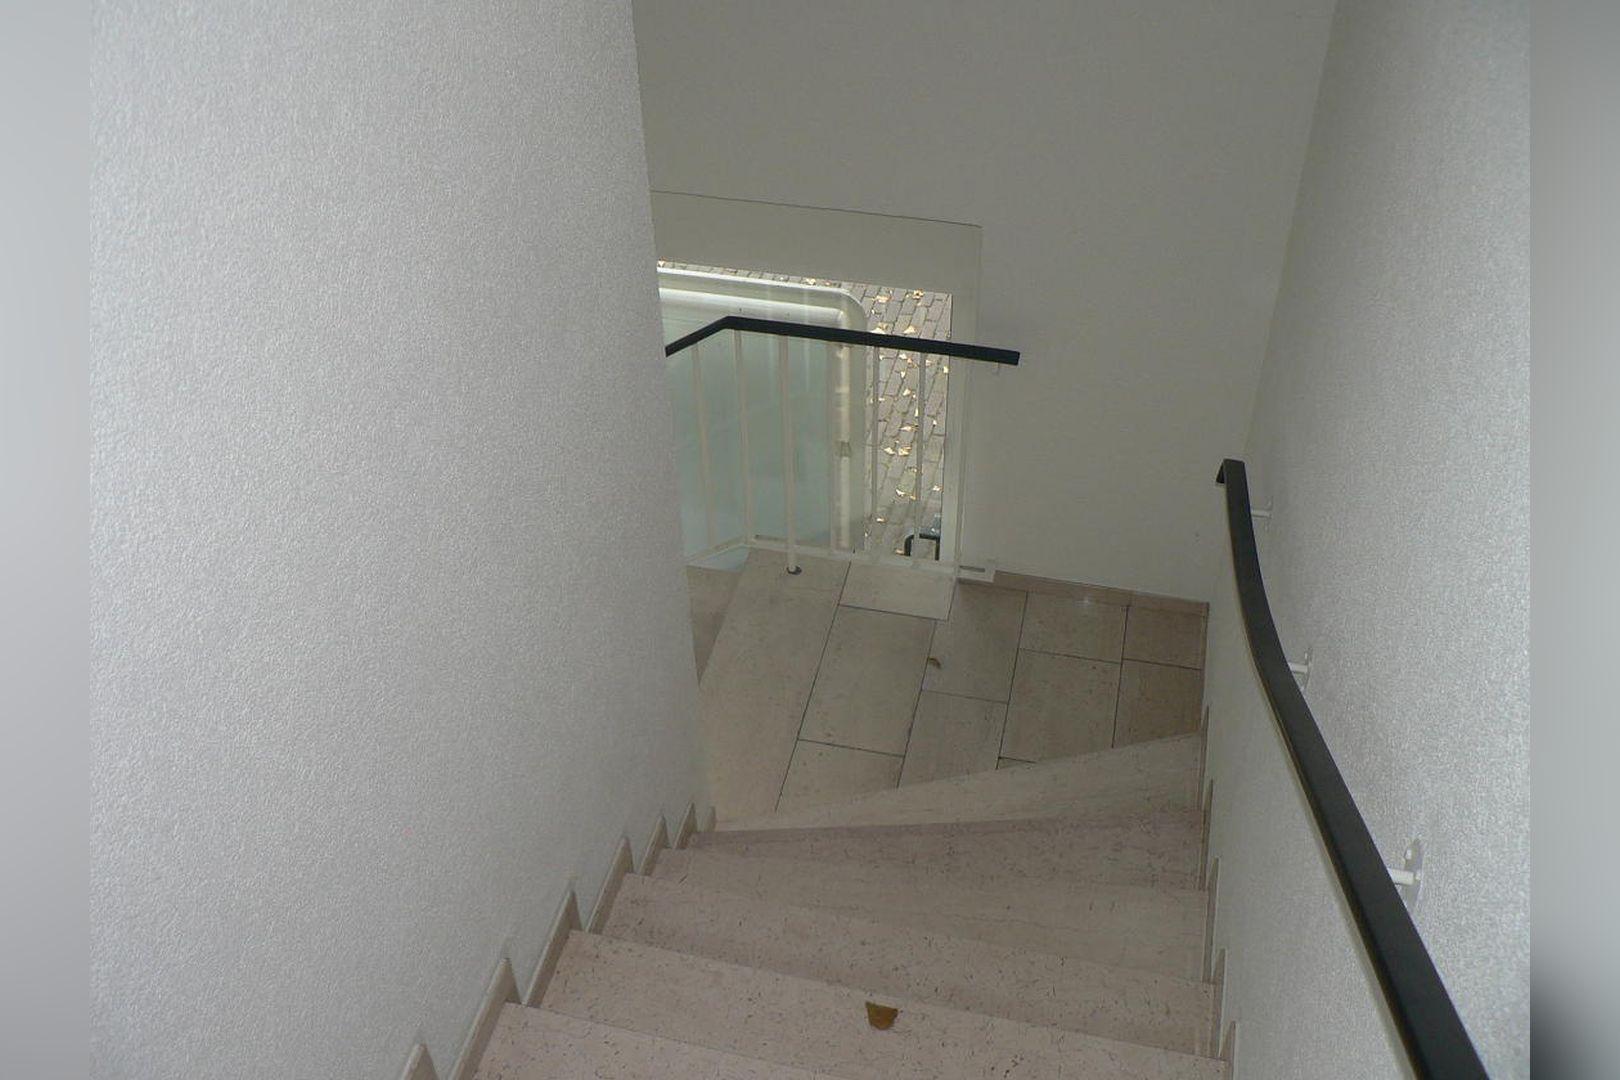 Immobilie Nr.0234 - 1 - Raum - Bürofläche mit Aktenkeller und Balkon - Bild 14.jpg